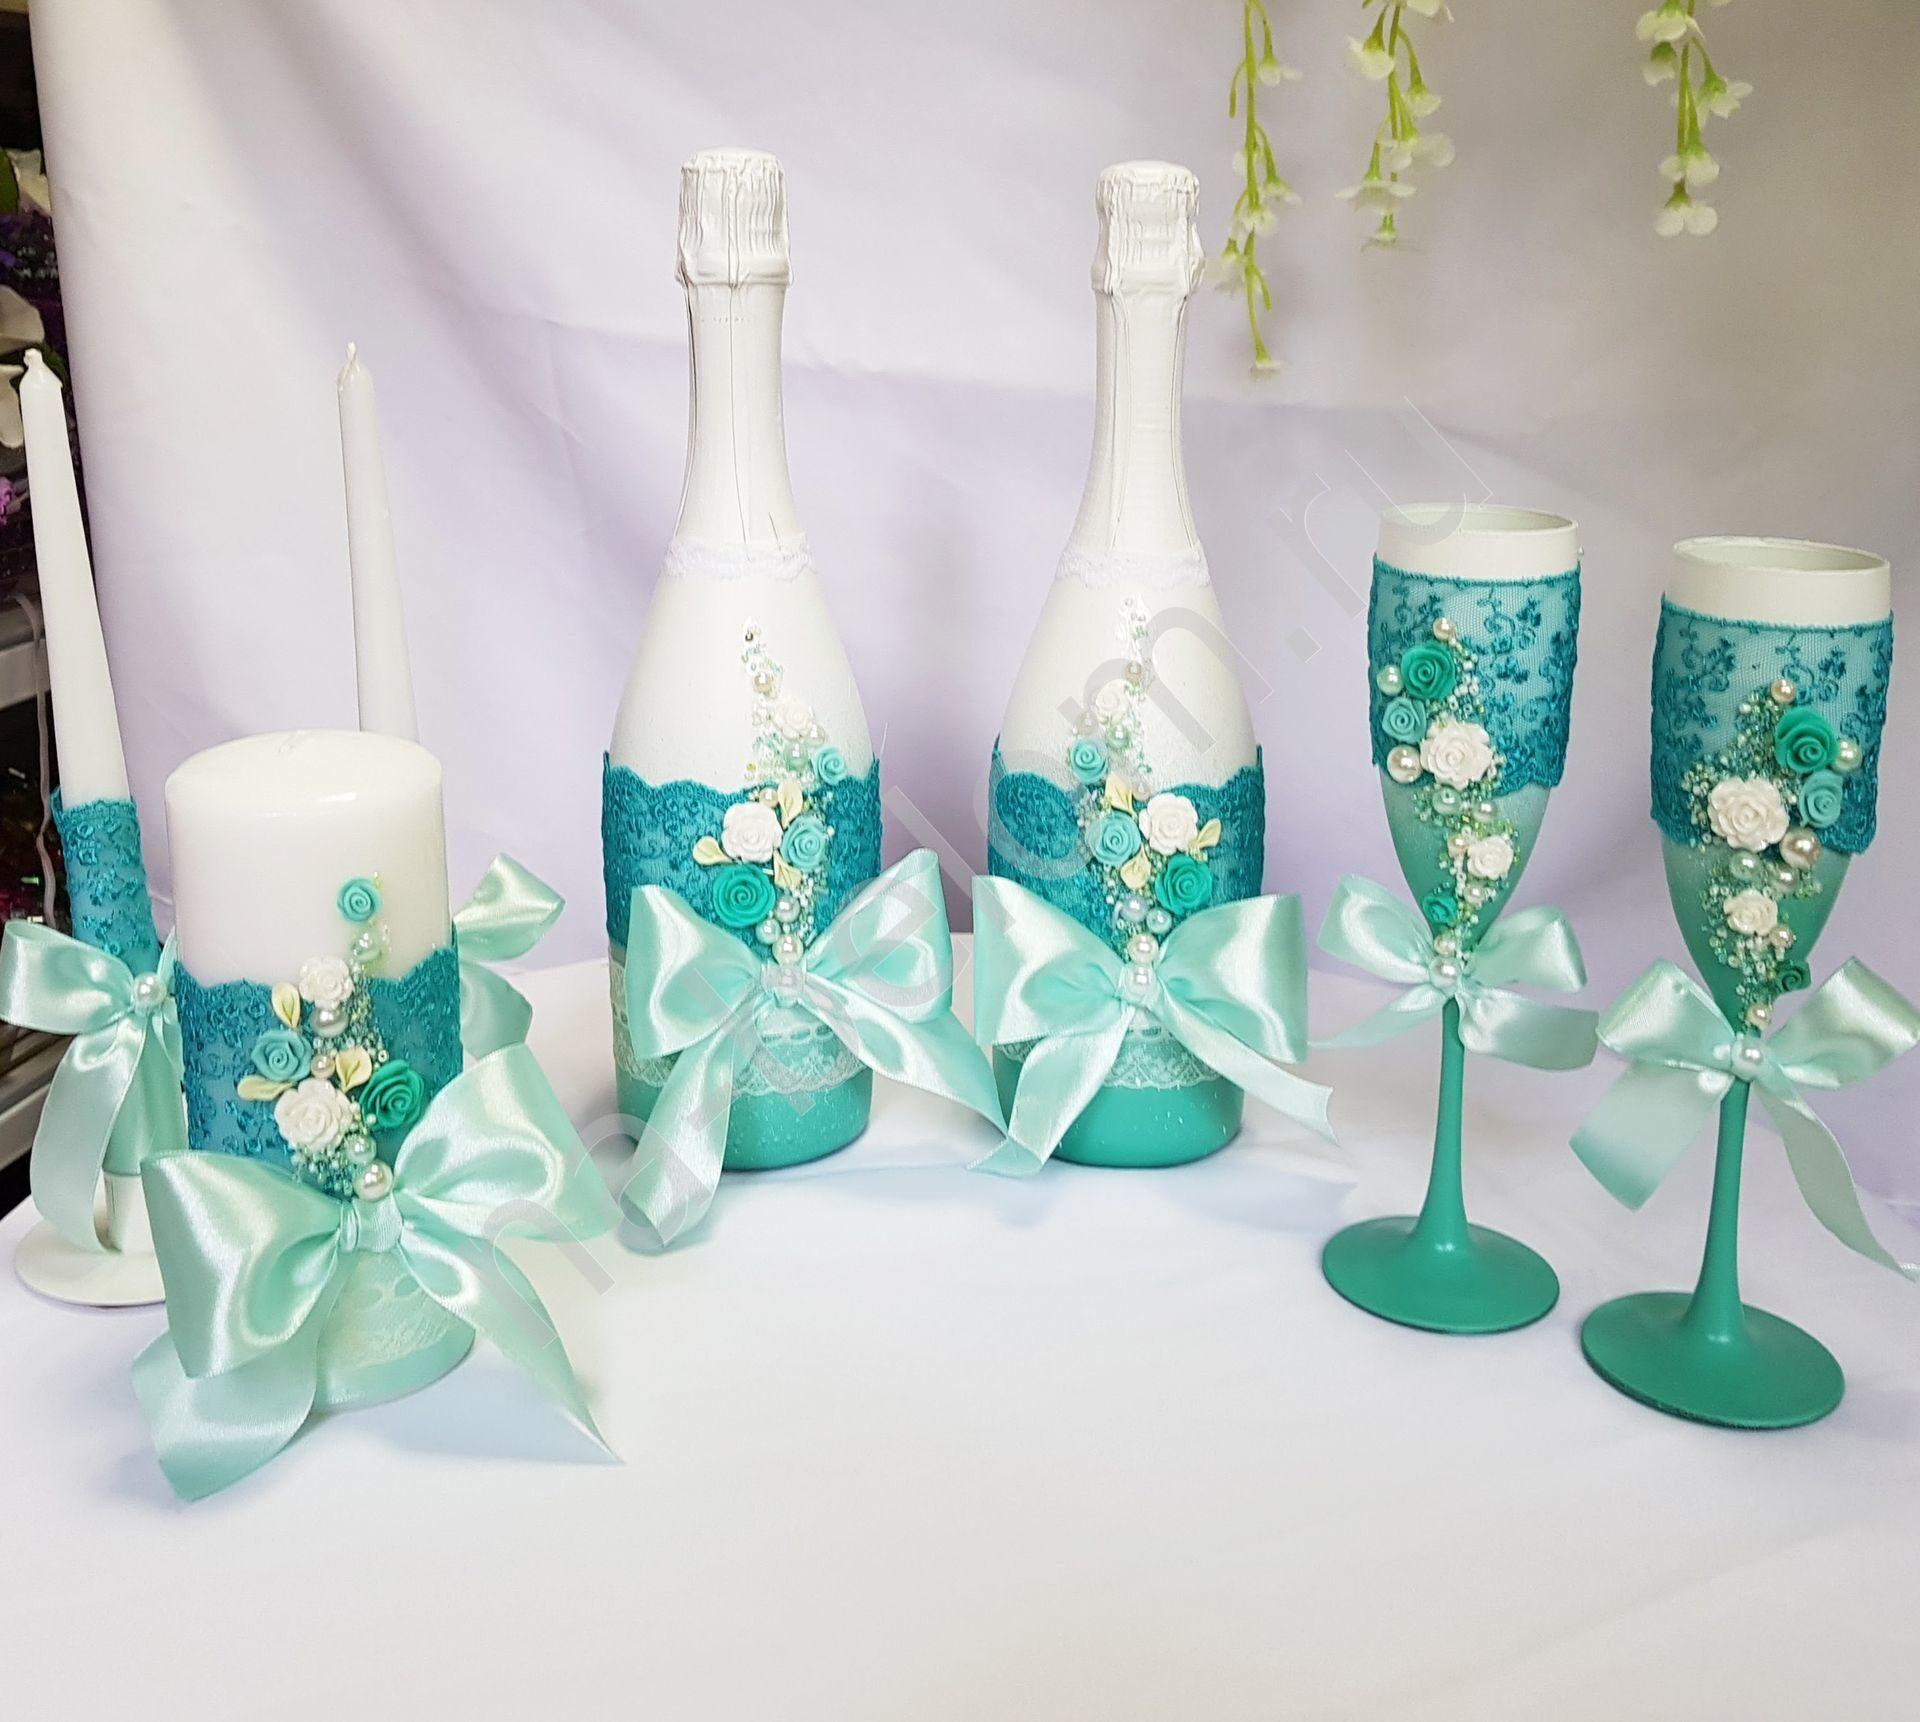 Украшение бутылок шампанского на свадьбу своими руками. Мастер-класс с фото